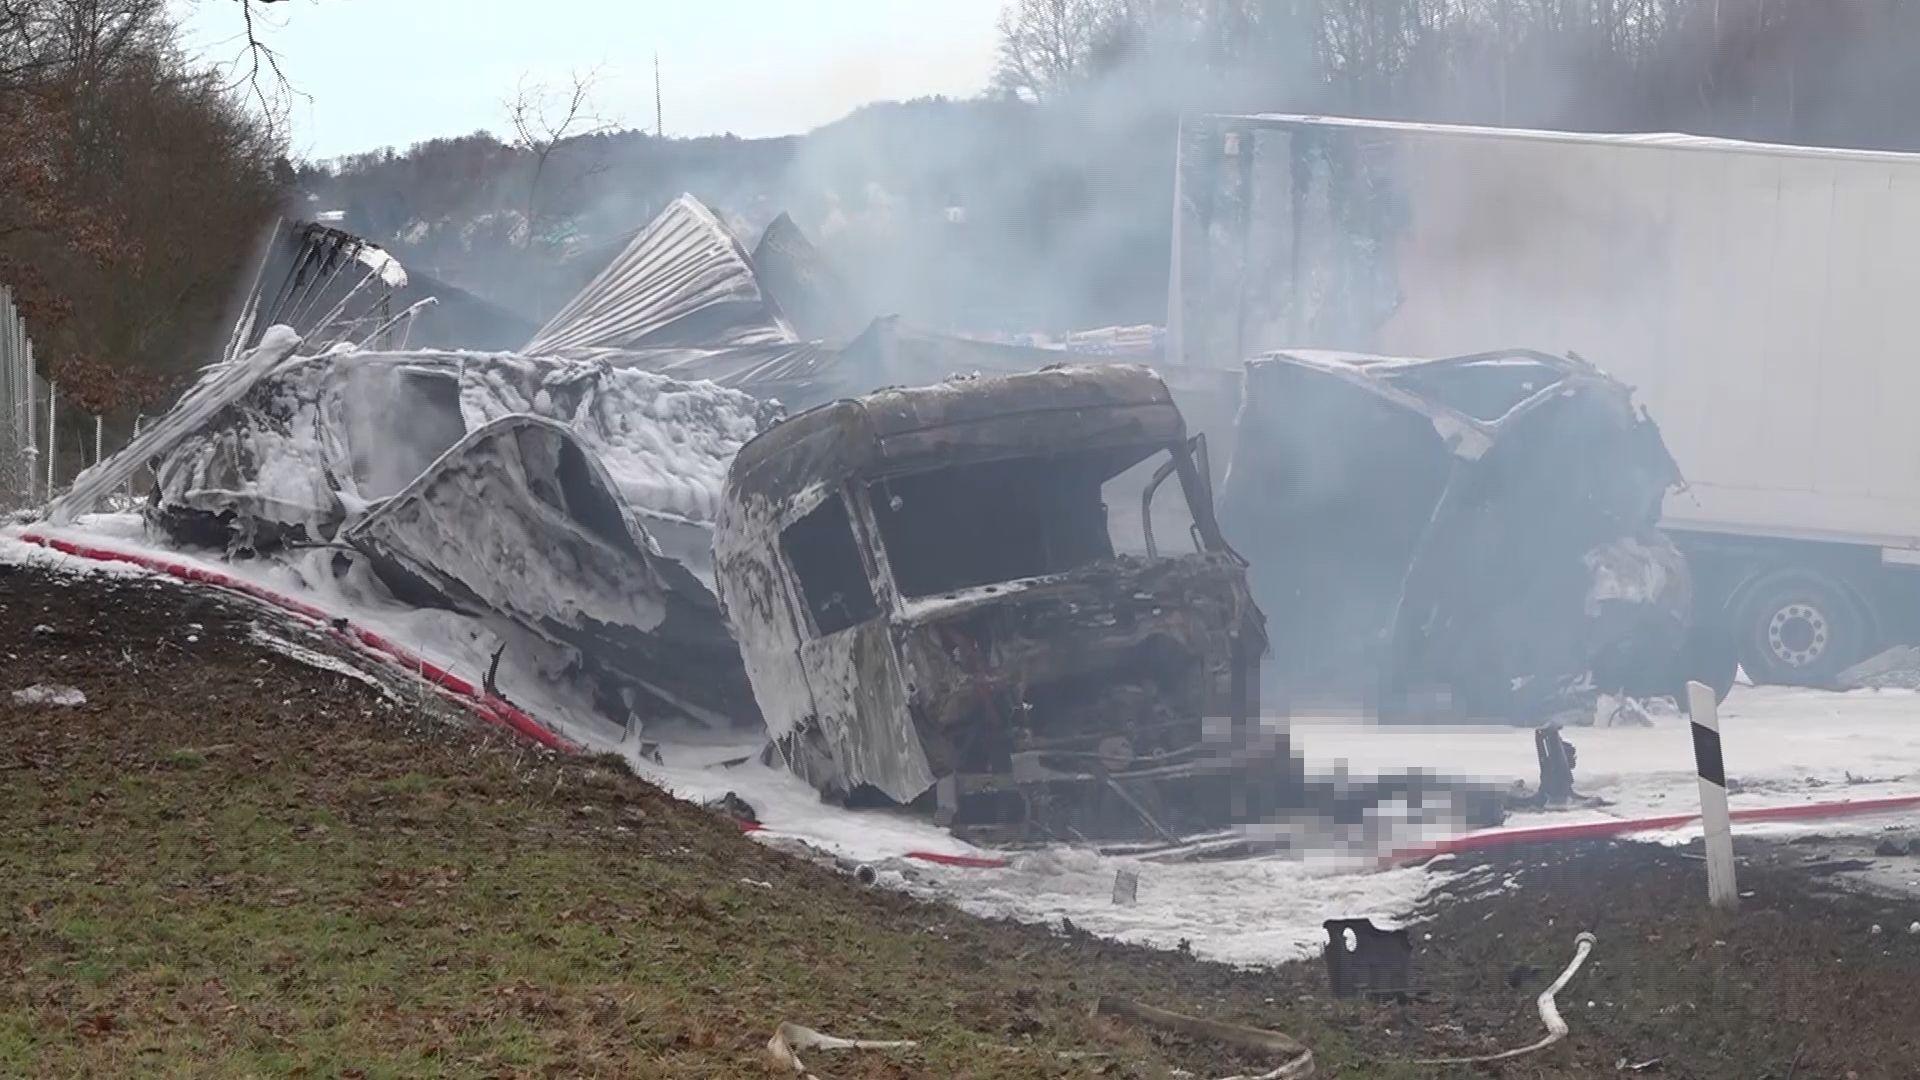 Horrorunfall auf Autobahn im Vogtland |Zwei LKW-Fahrer verbrennen in ihren Fahrzeugen